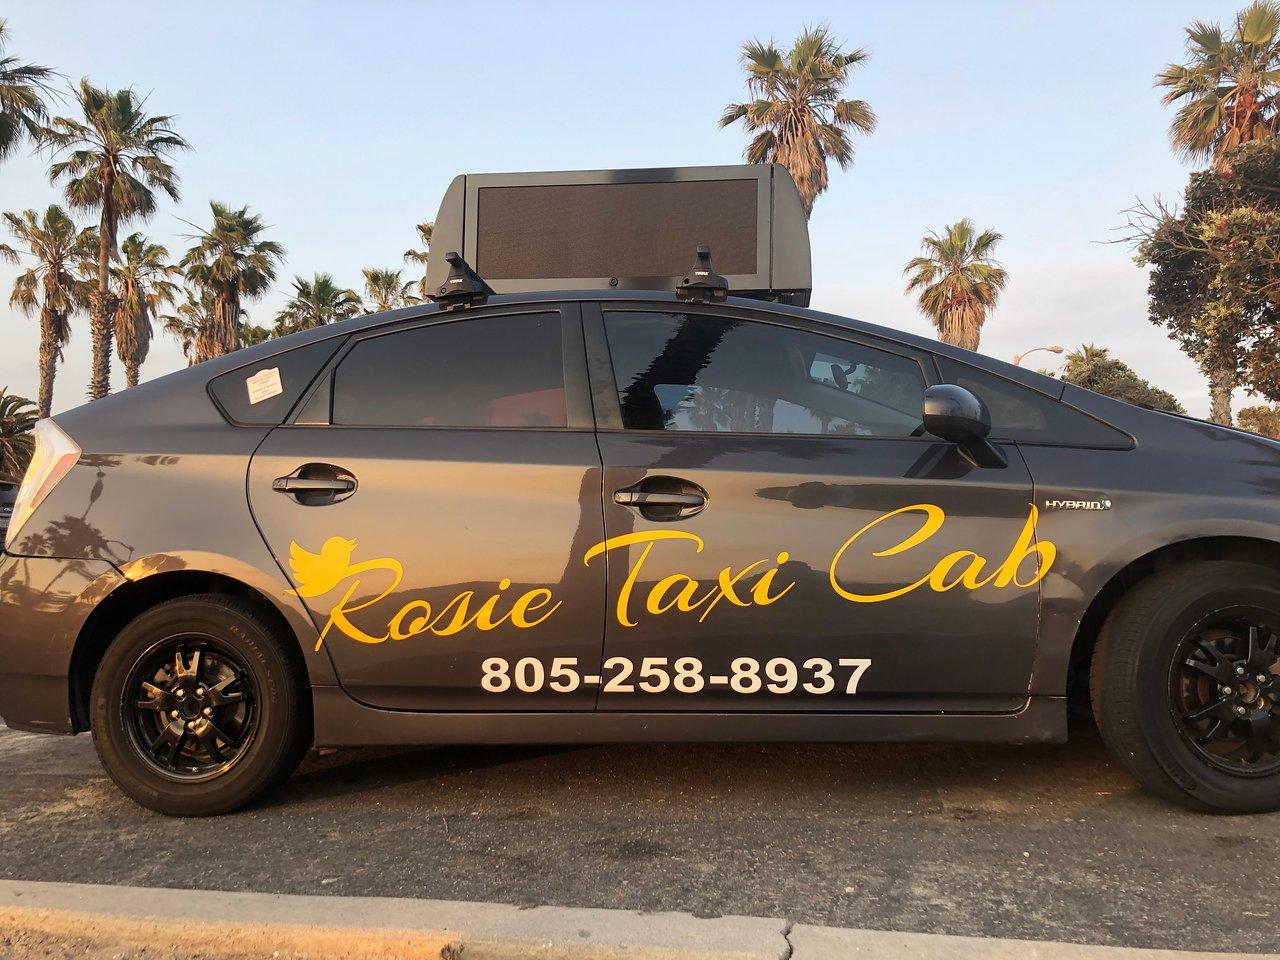 Rosie Taxi Cab